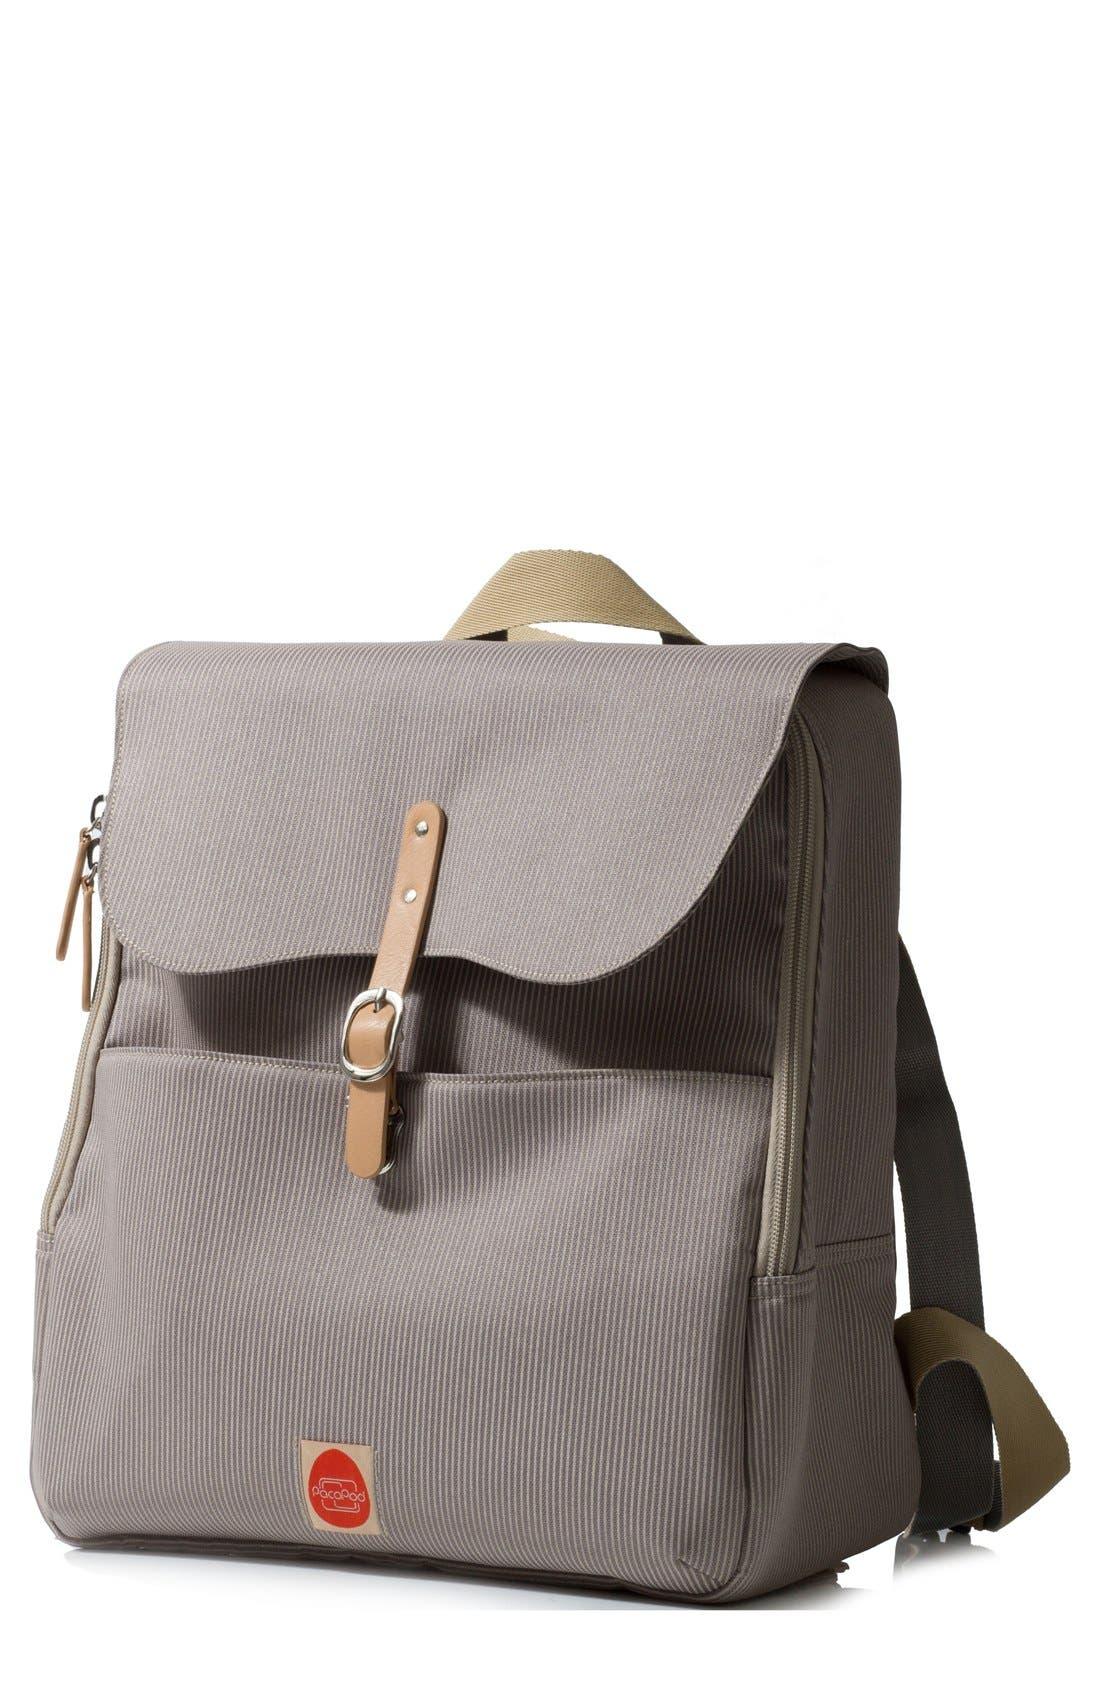 PacaPod 'Hastings' Diaper Bag